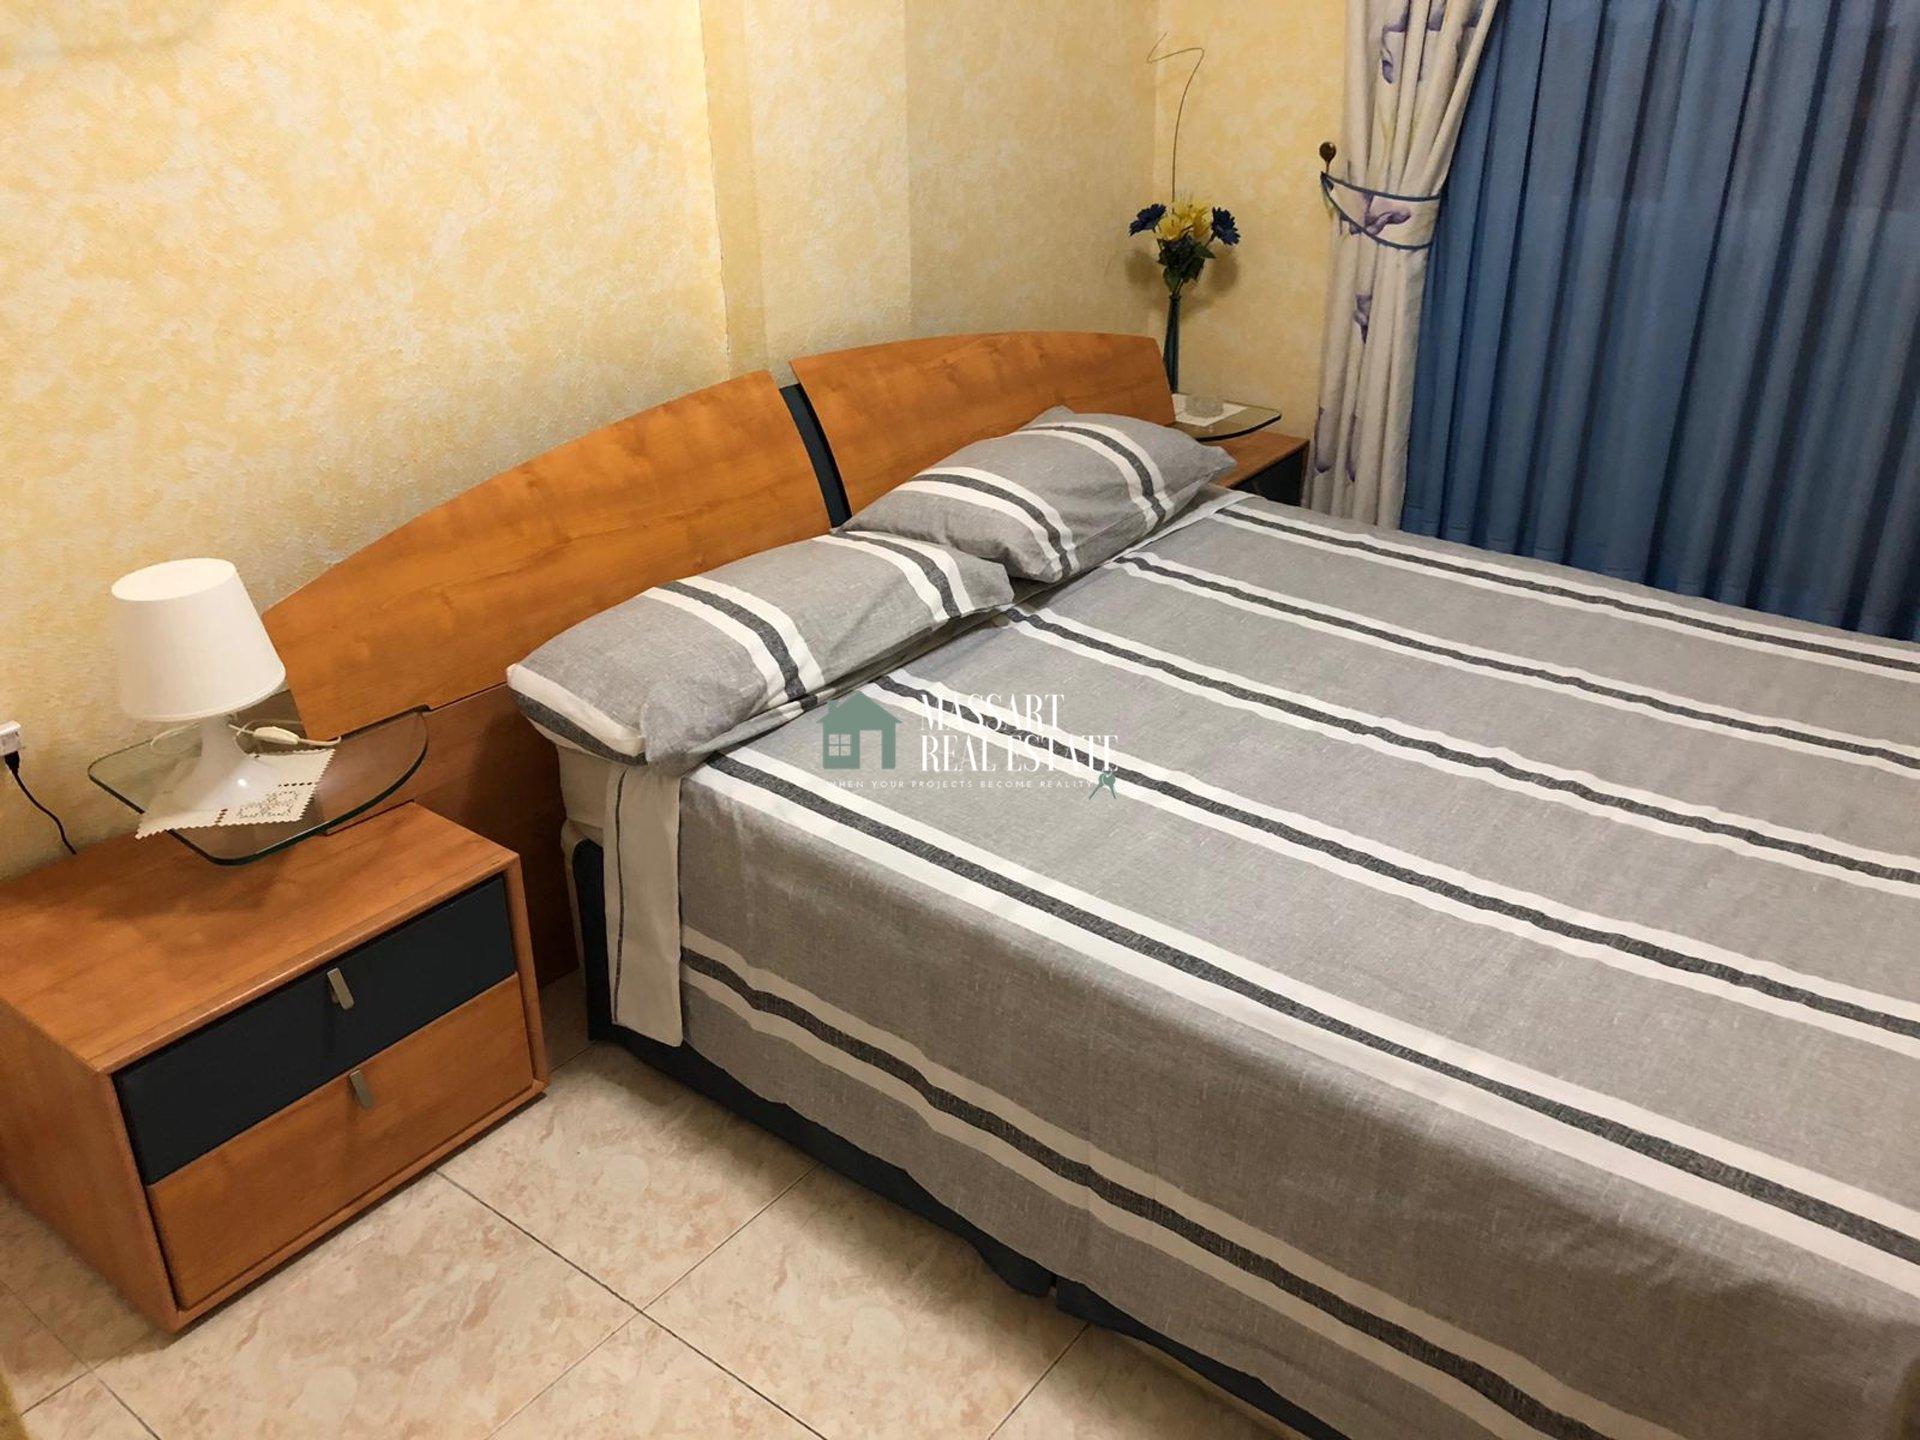 Affittasi a Torviscas Alto, nel complesso residenziale La Pineda (Costa Adeje), appartamento arredato caratterizzato dalla sua meravigliosa terrazza con vista diretta sul mare.